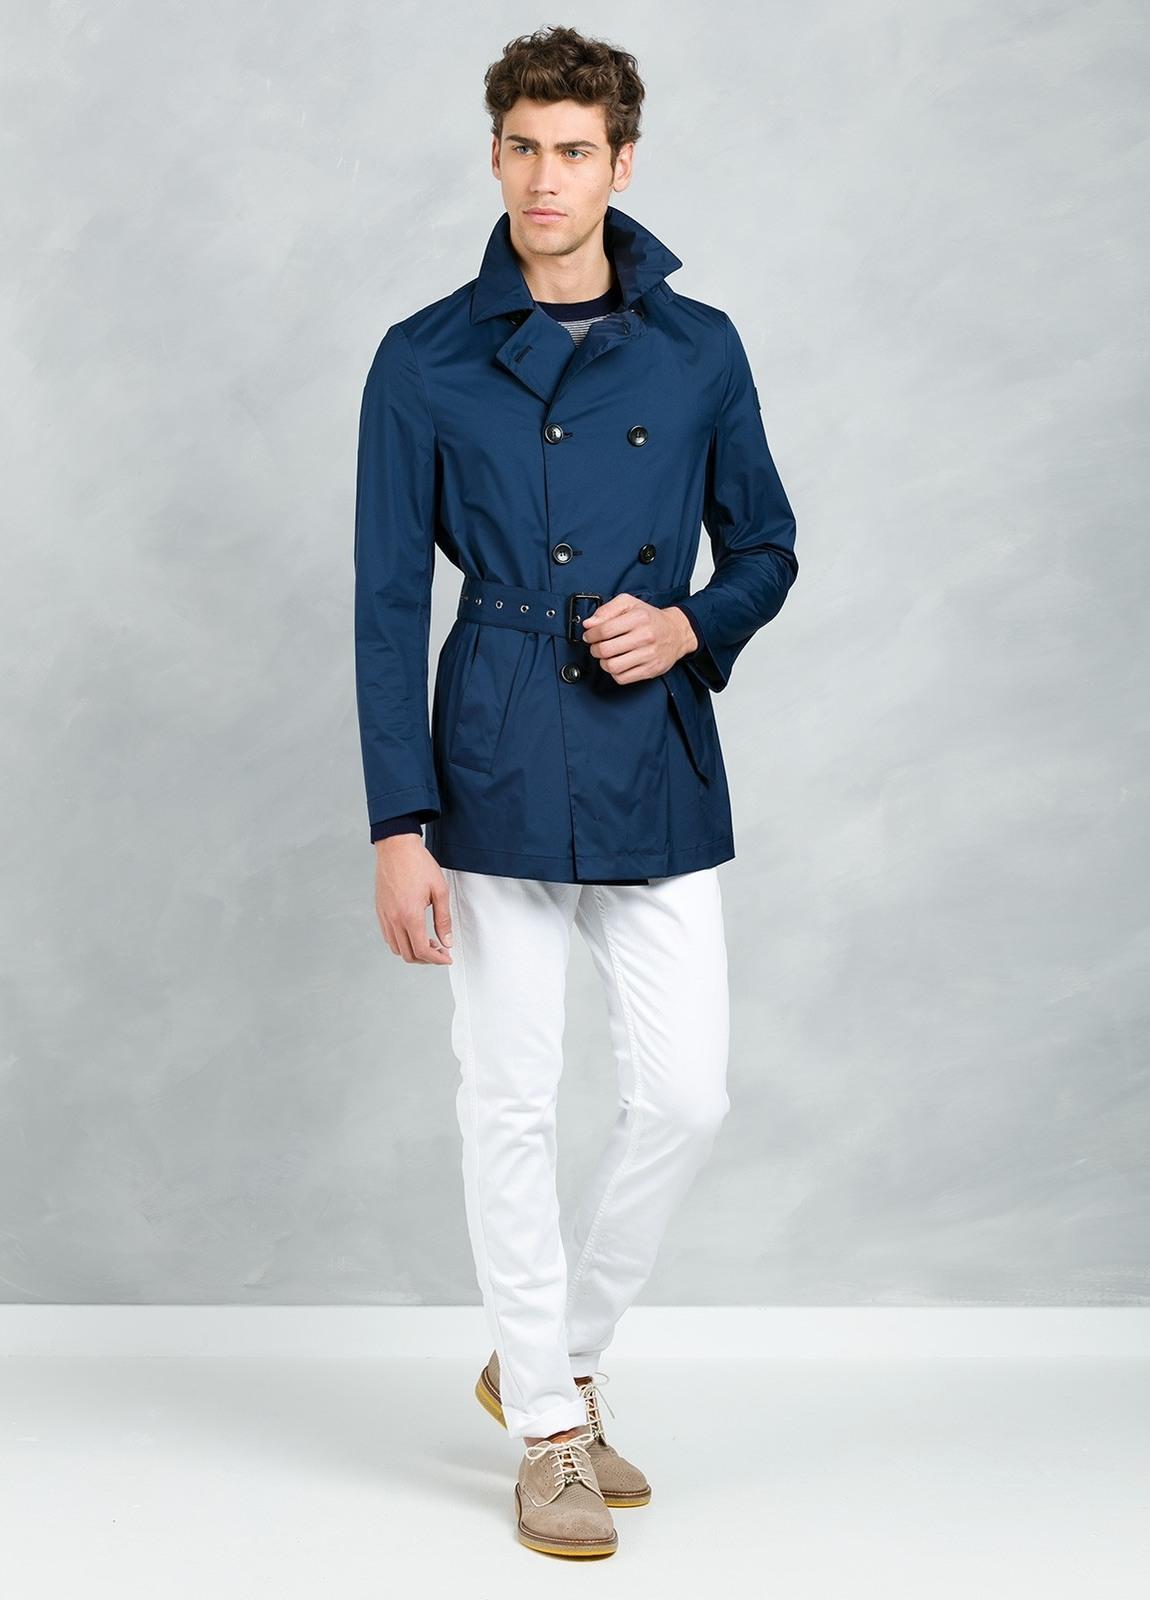 Gabardina corta cruzada con botones y cinturón , color azul. - Ítem2